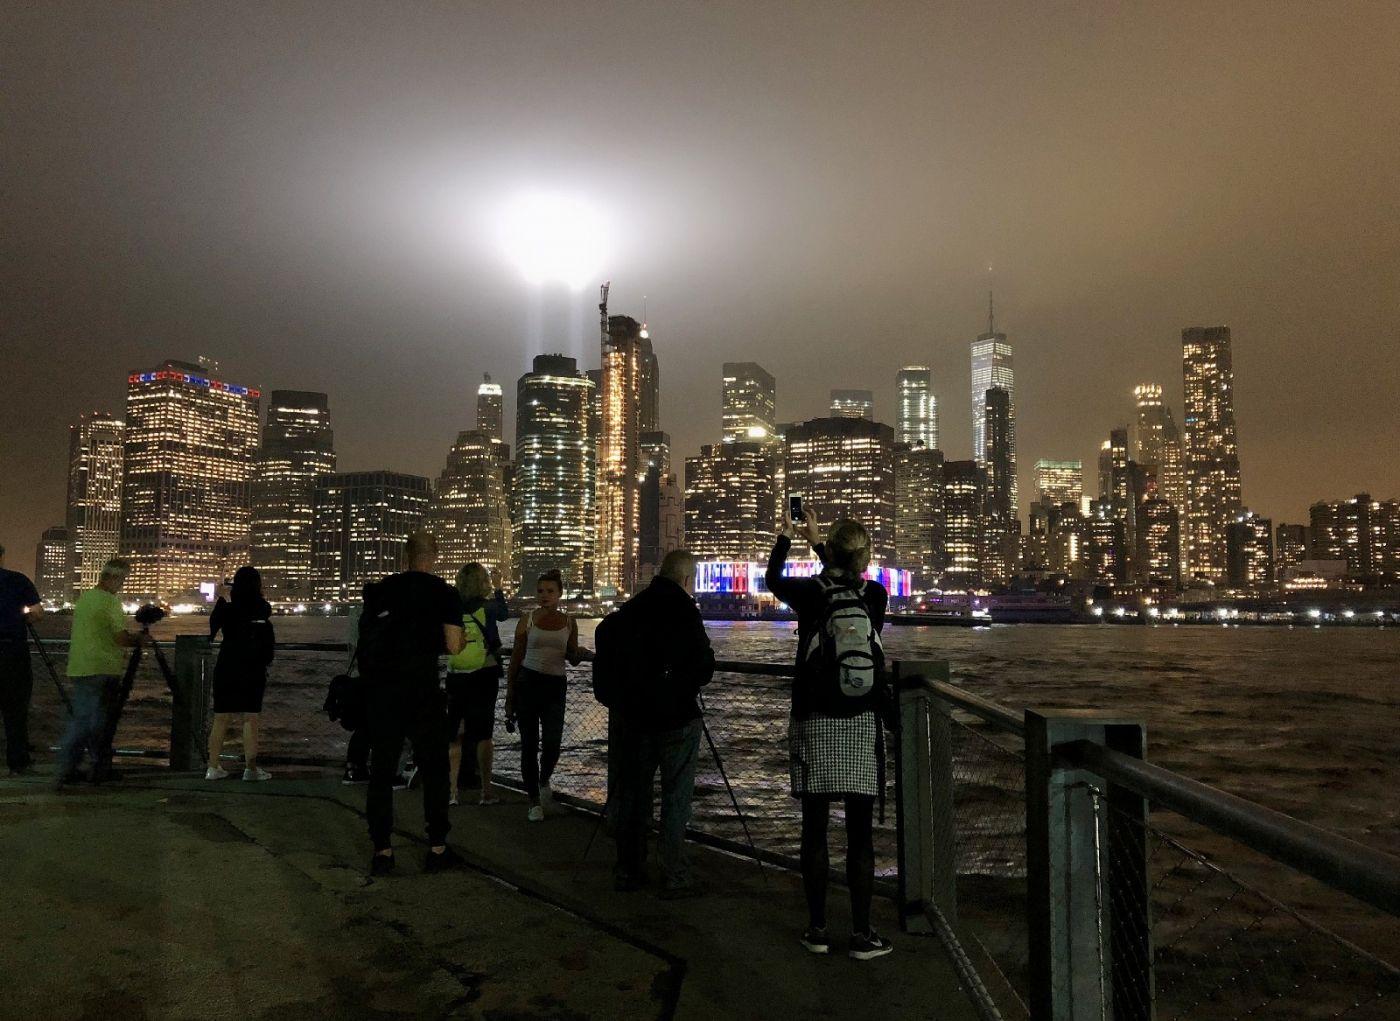 【田螺手机摄影】拍摄灯柱纪念911恐襲17周年_图1-14